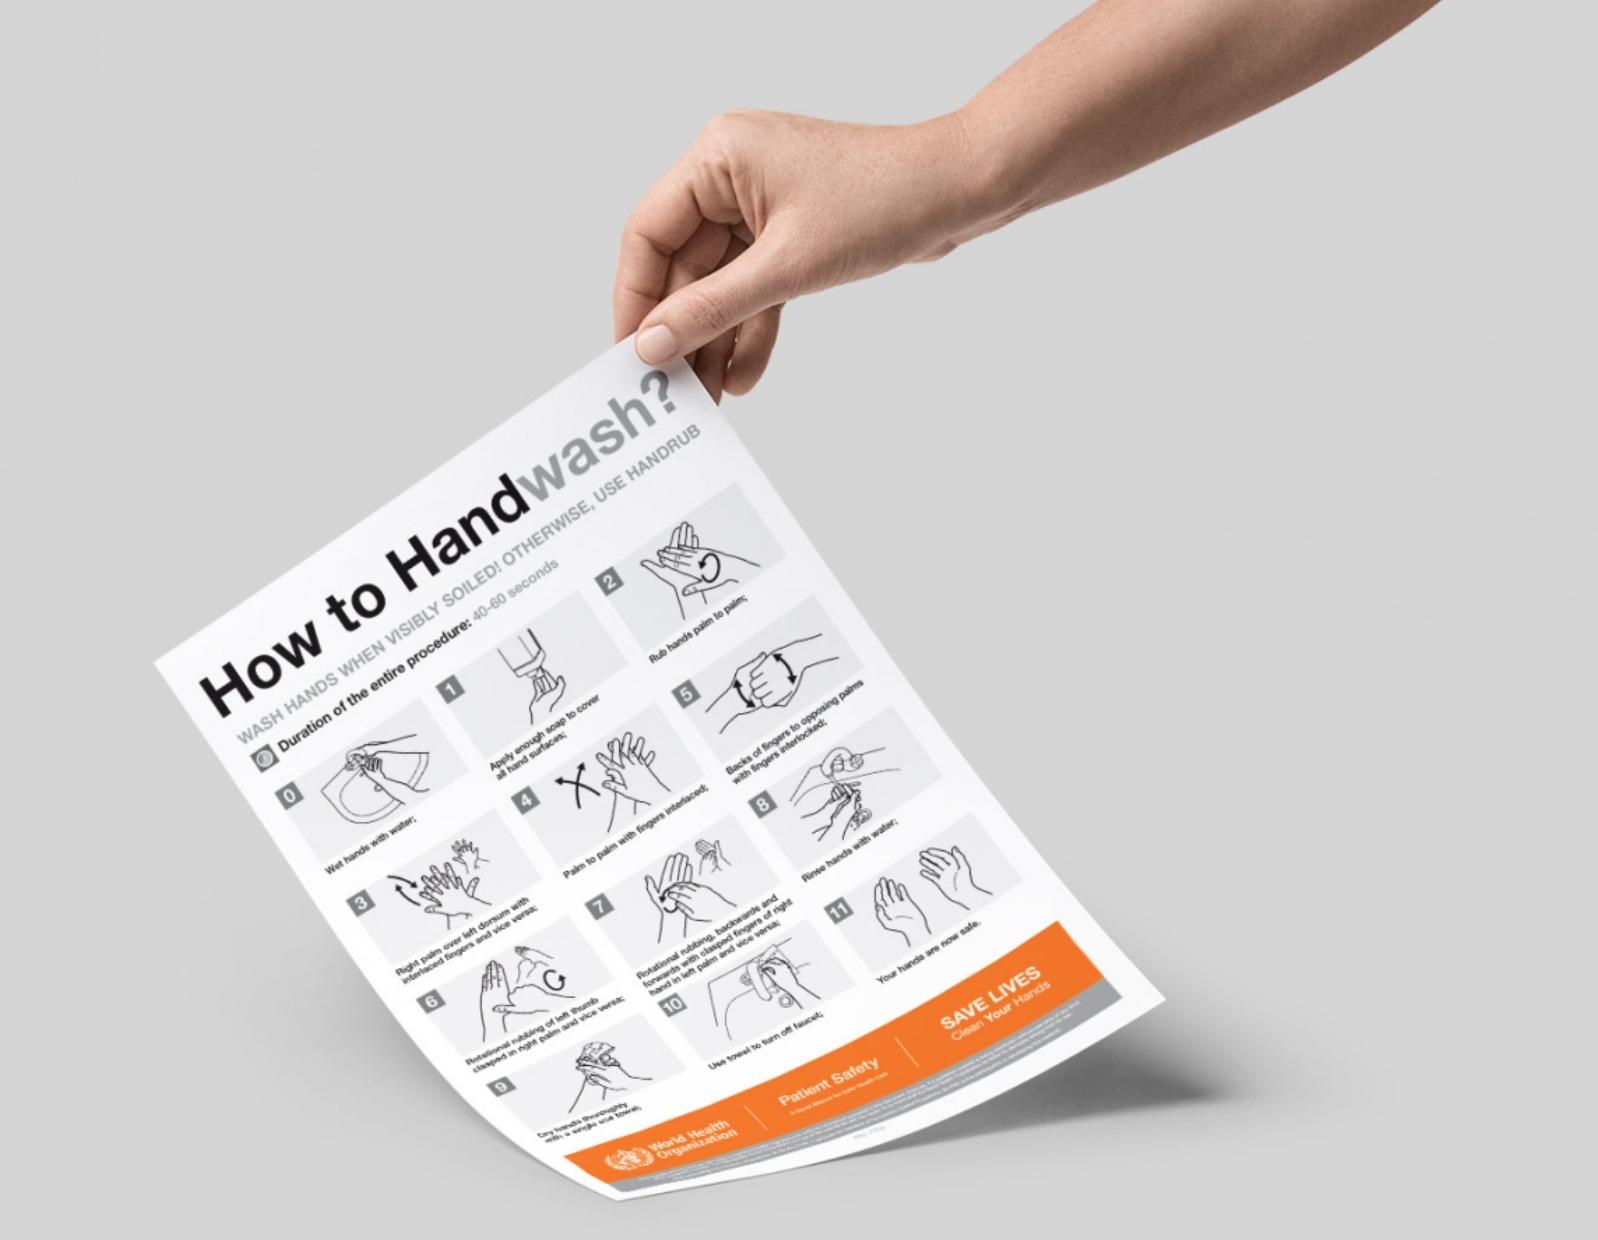 Coronavirus Hand Hygiene Paper Posters